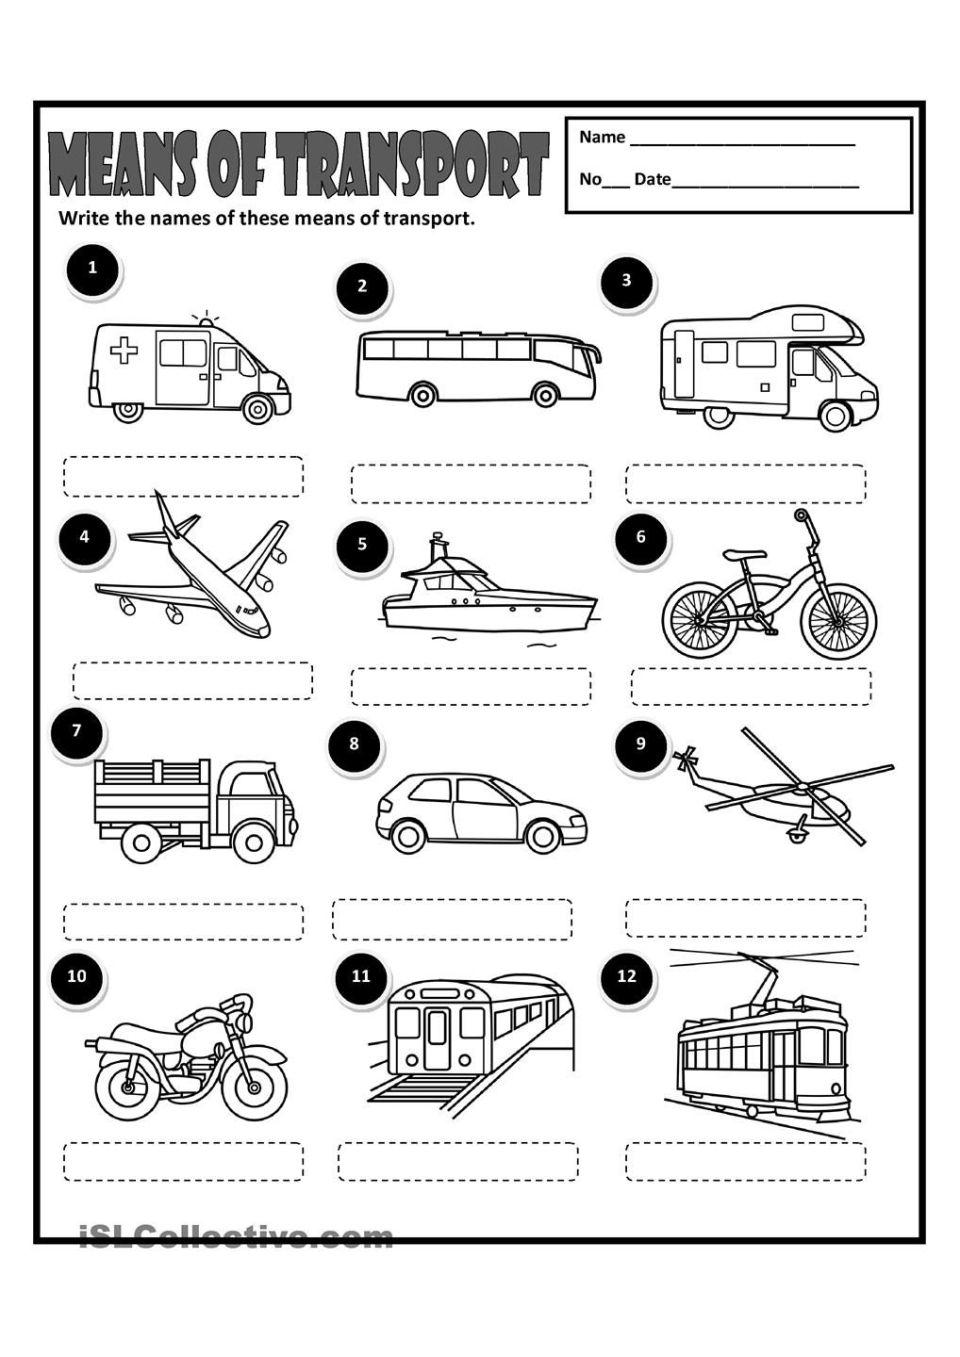 Image Result For Means Of Transportation Printable Worksheets